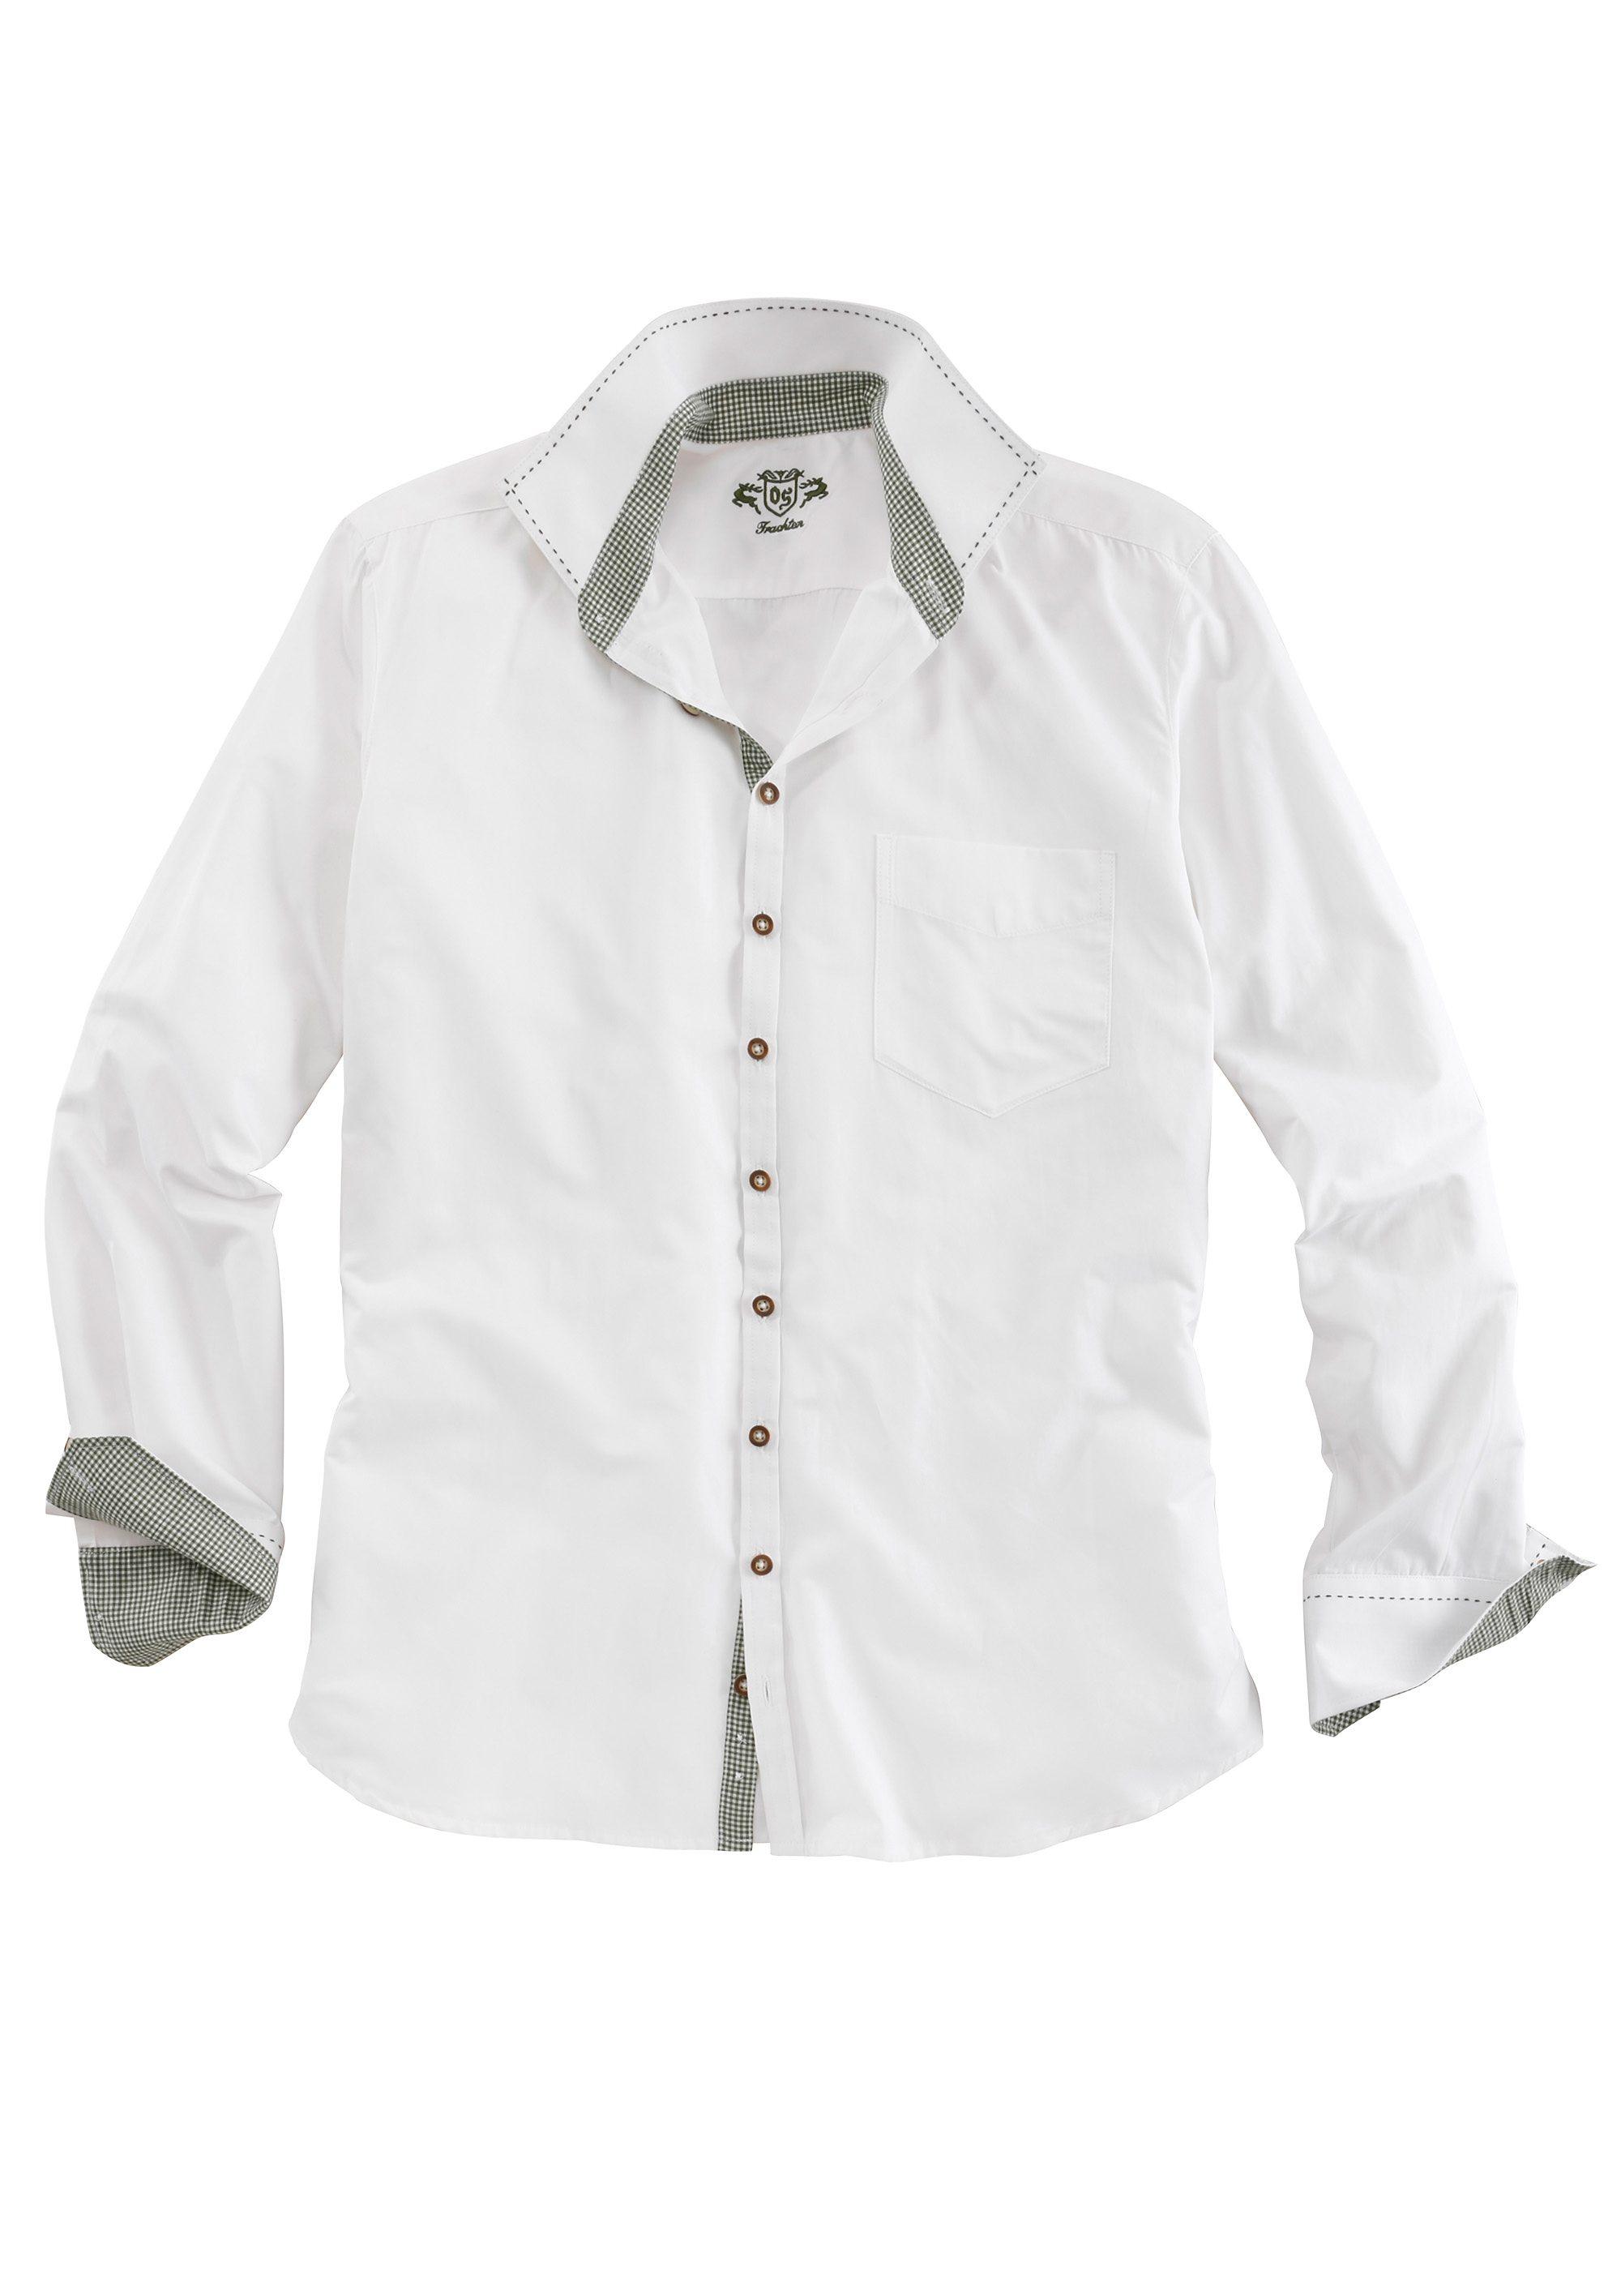 OS-Trachten Trachtenhemd mit Ziersteppnähten